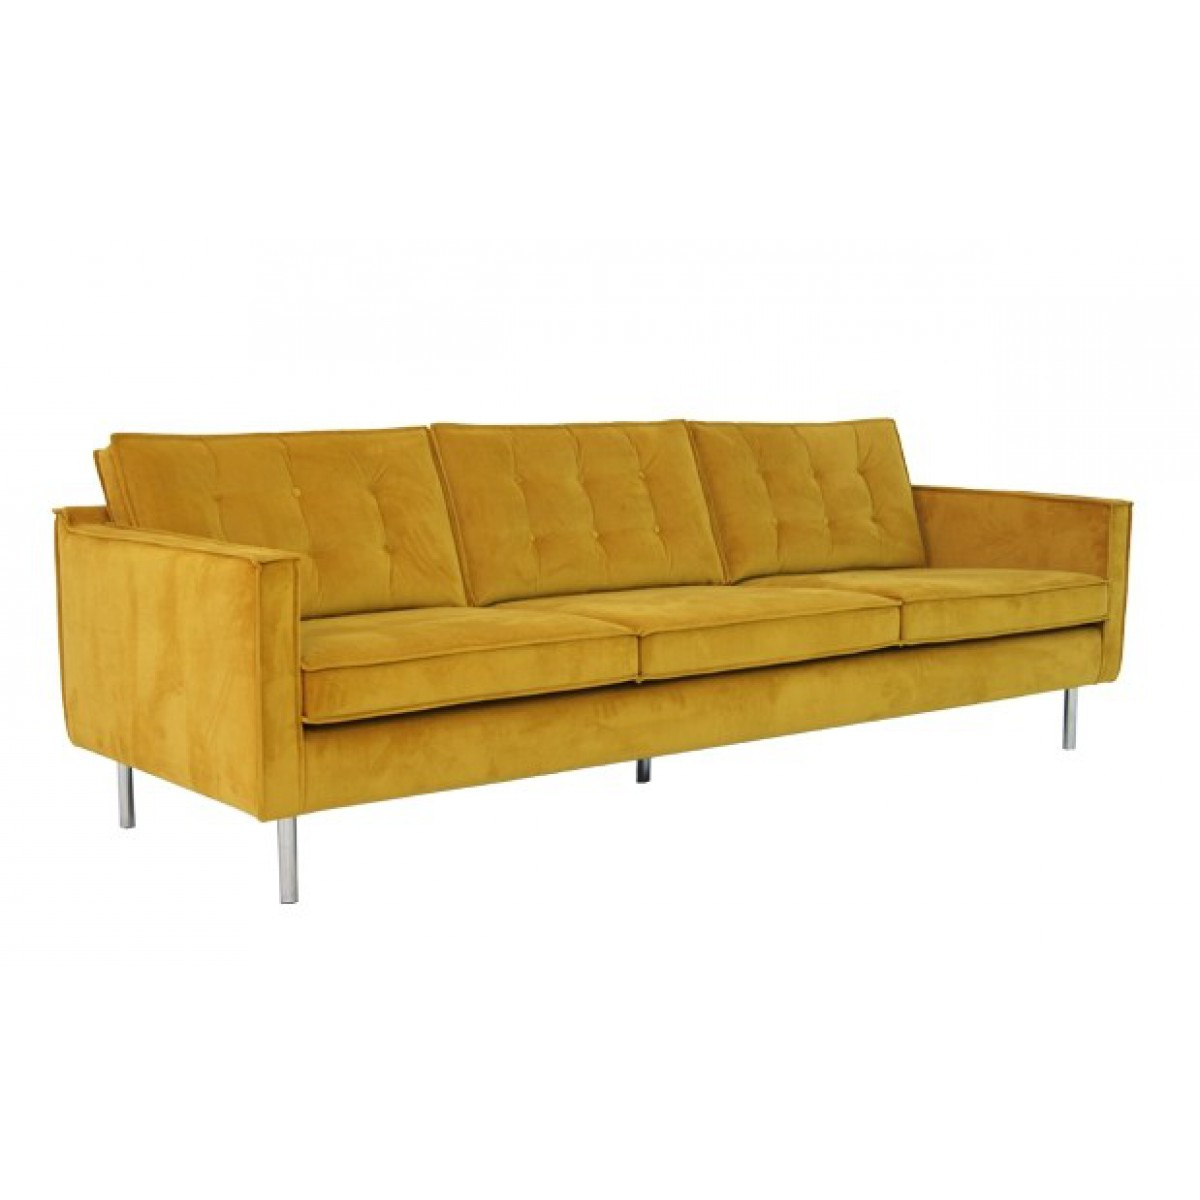 retro-design-sofa-bank-couch-malmö-malmberg-stof-seven